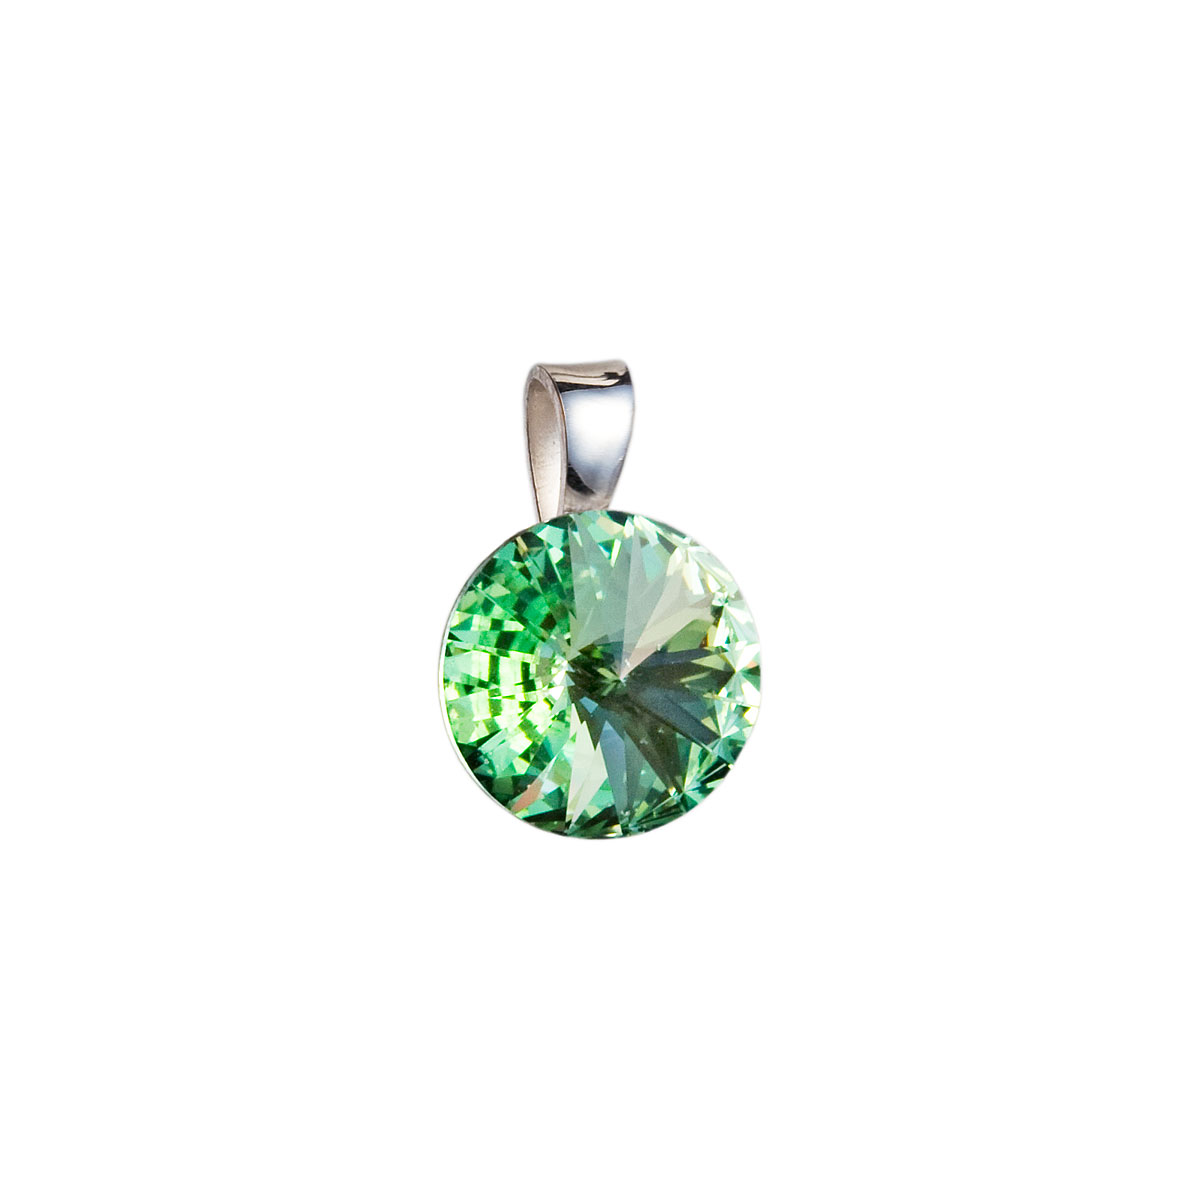 Evolution Group Stříbrný přívěsek s krystaly Swarovski zelený kulatý-rivoli 34112.3